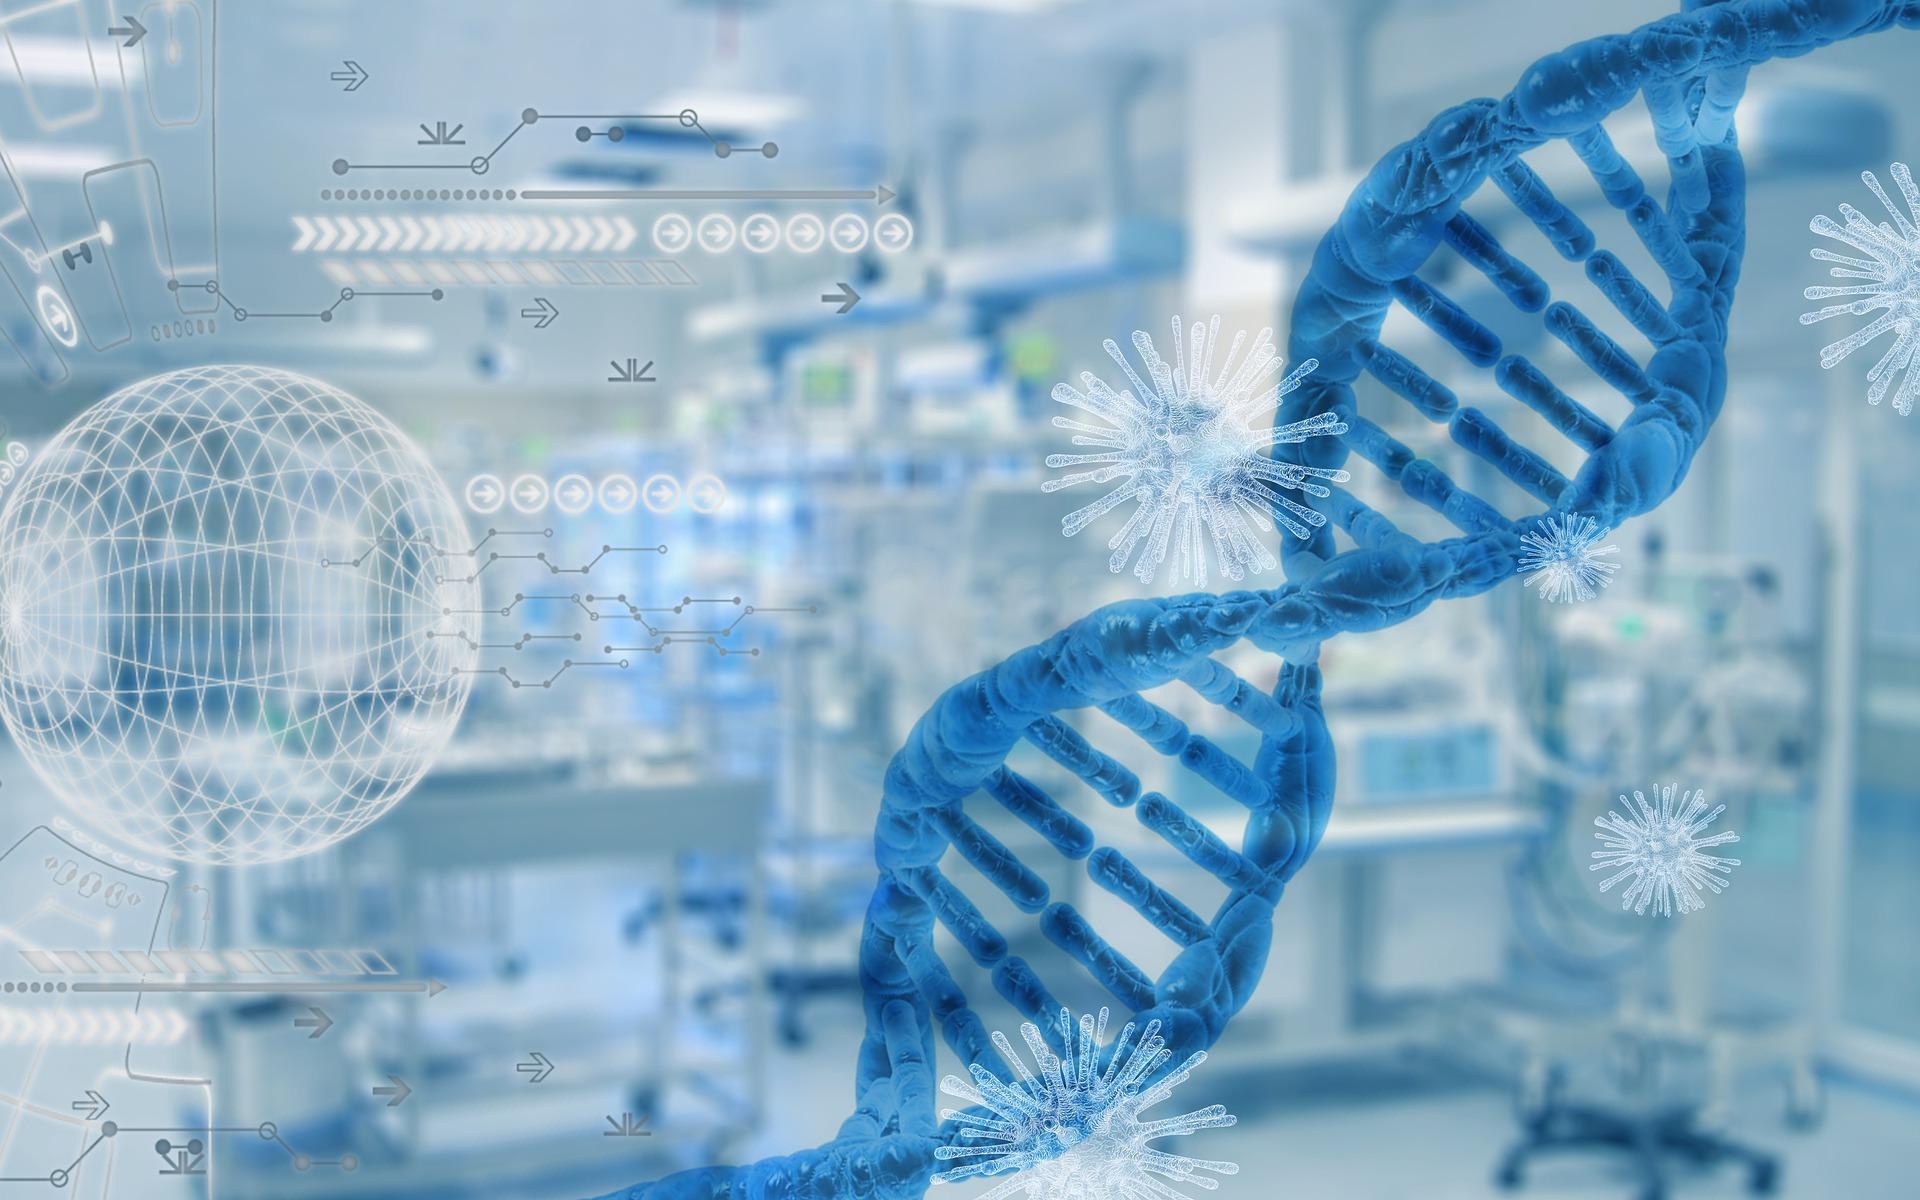 Ученые лабораторно вырастили модель человеческих легких для опытов с COVID-19